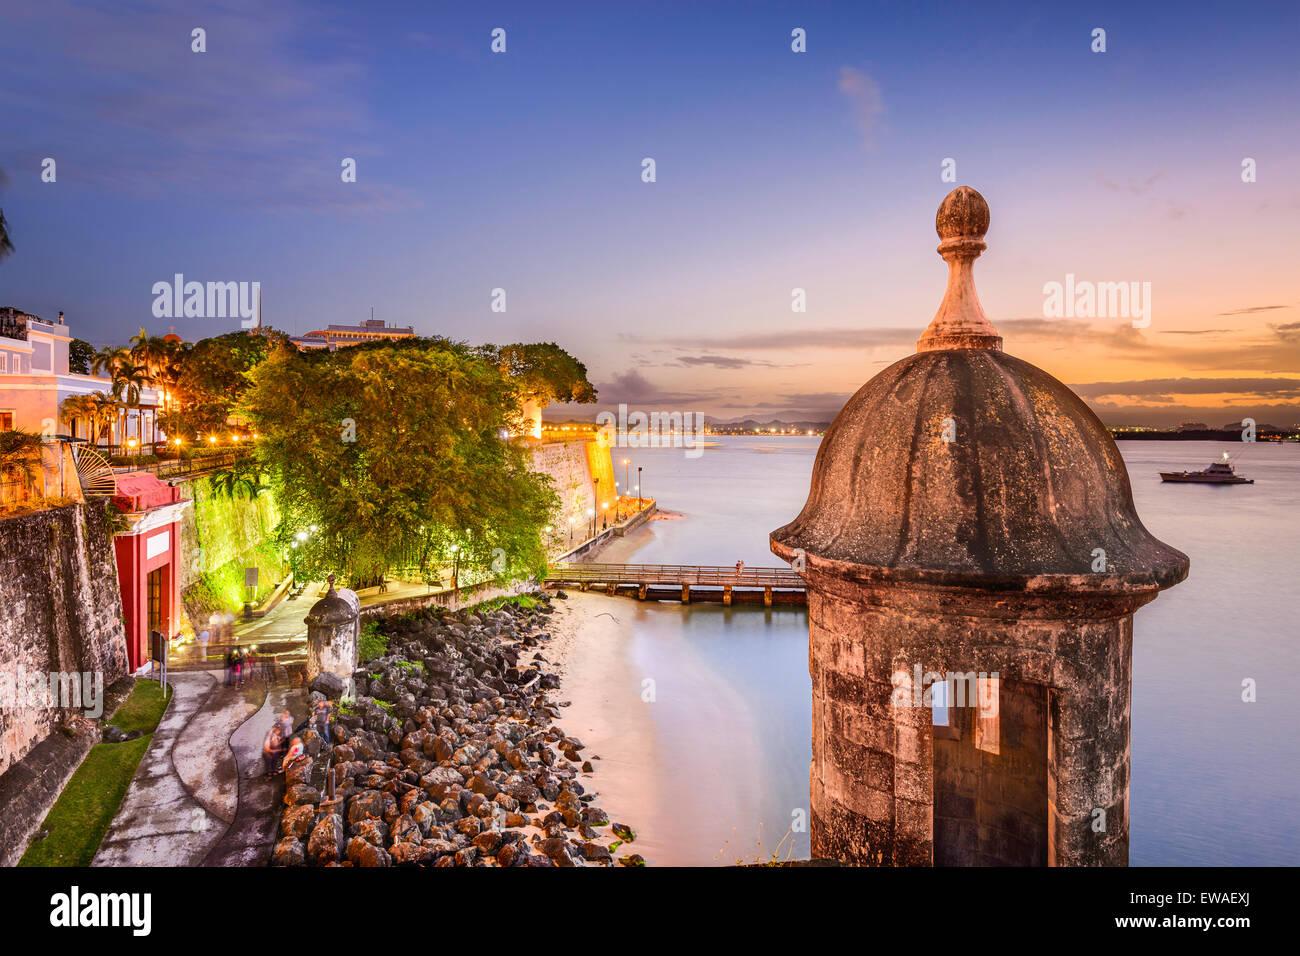 San Juan, Puerto Rico, antigua muralla de la ciudad al atardecer. Imagen De Stock